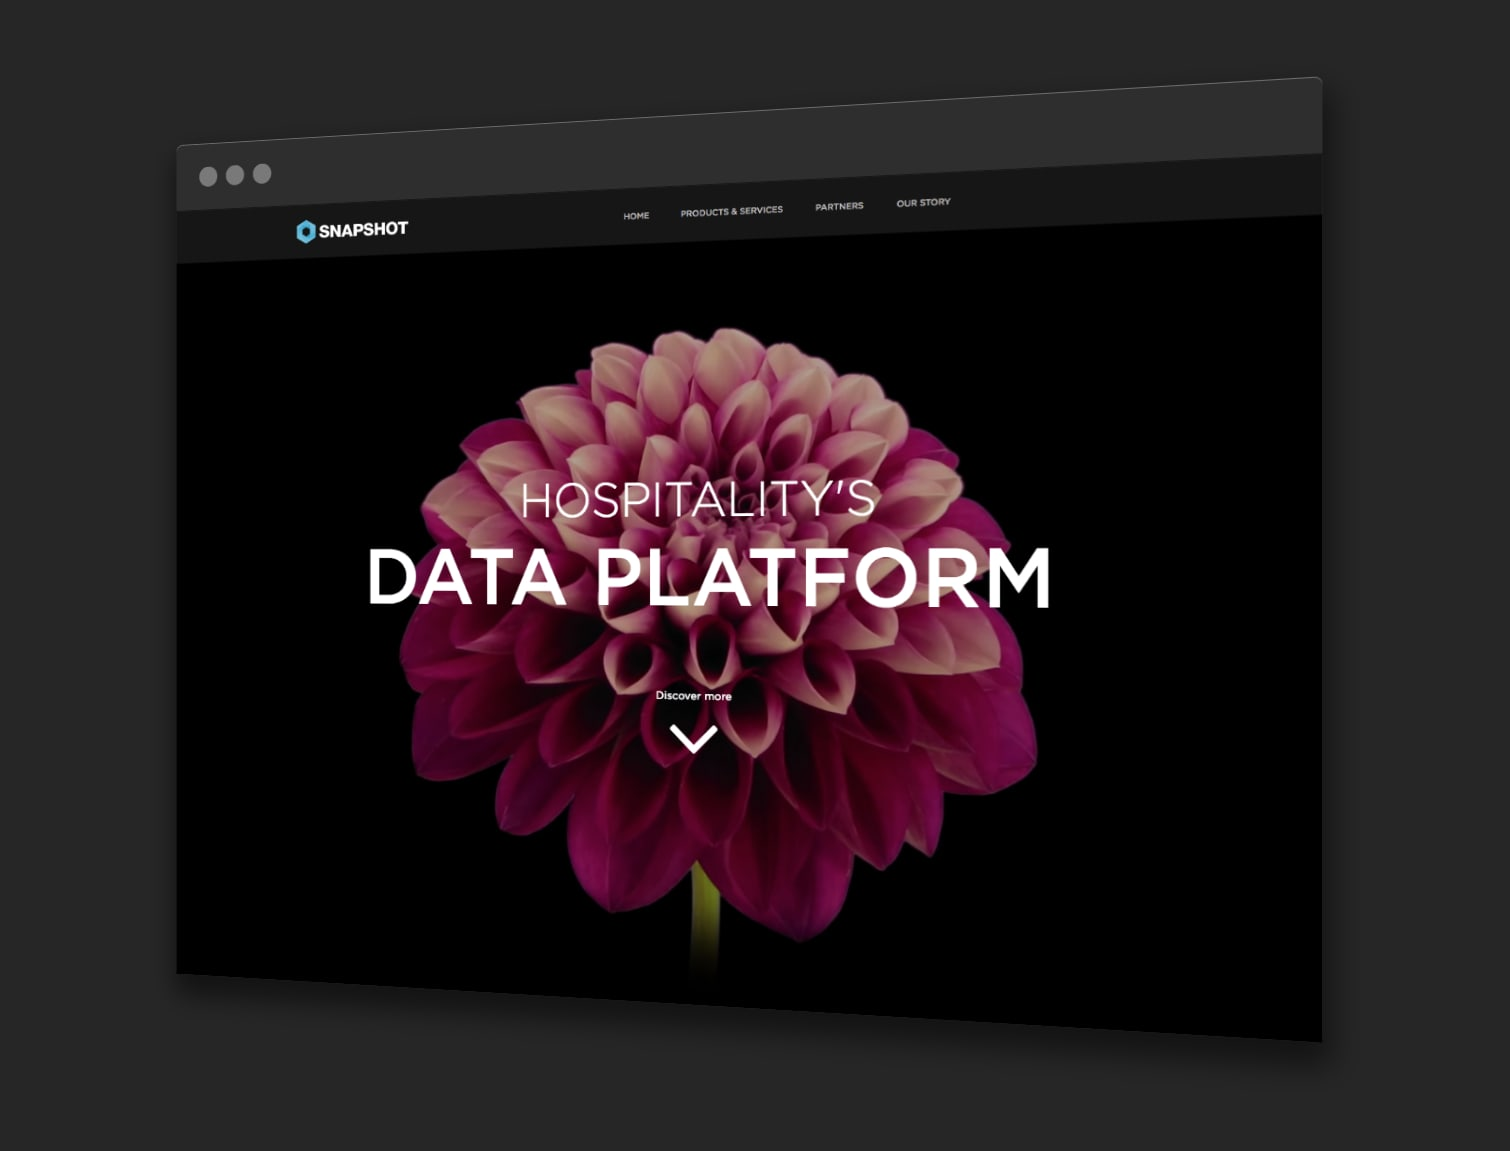 Αποτέλεσμα εικόνας για SnapShot launches the first independent hospitality data platform